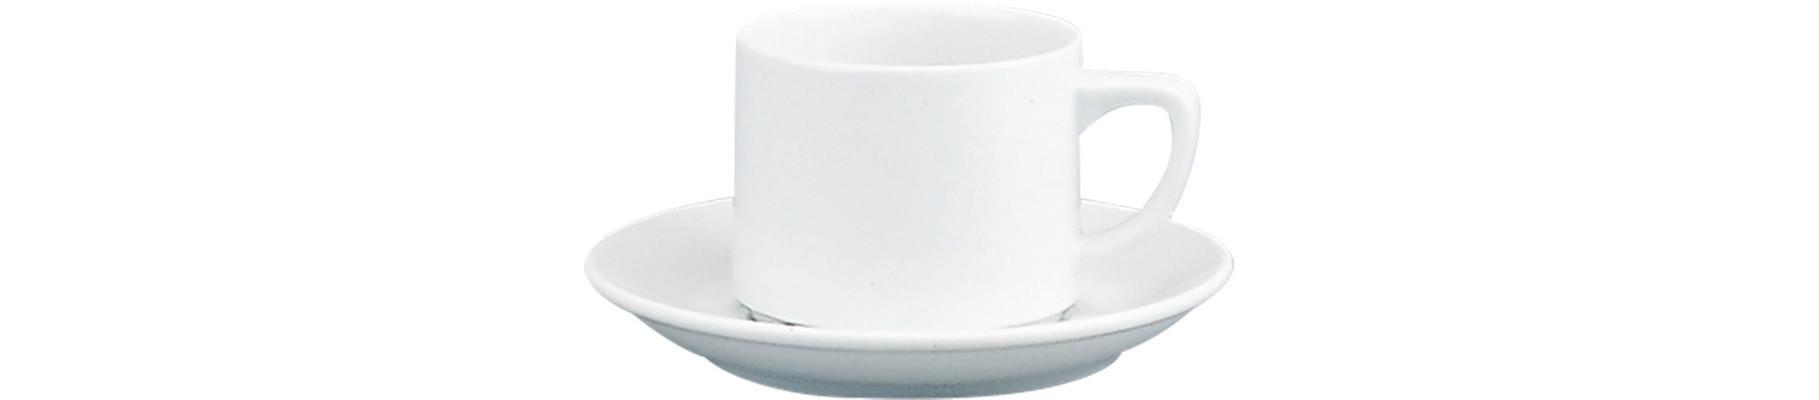 898/598, Tasse nieder dünn stapelbar ø 75 mm / 0,19 l Form 498